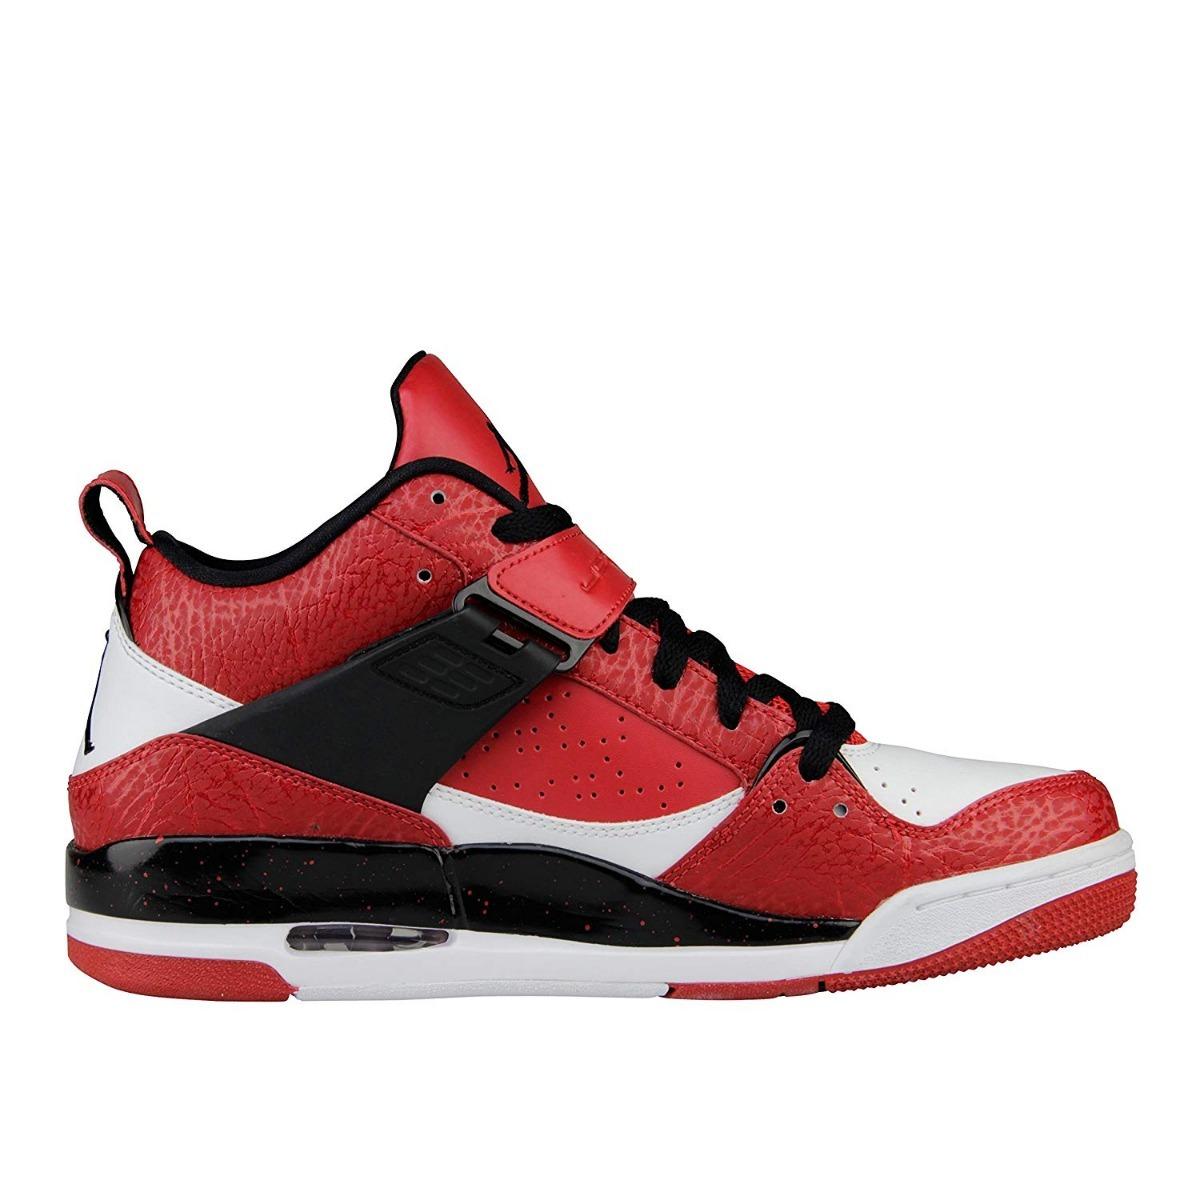 18ae2e33a61ec tenis jordan basketball baloncesto botas nike lebron adidas. Cargando zoom.